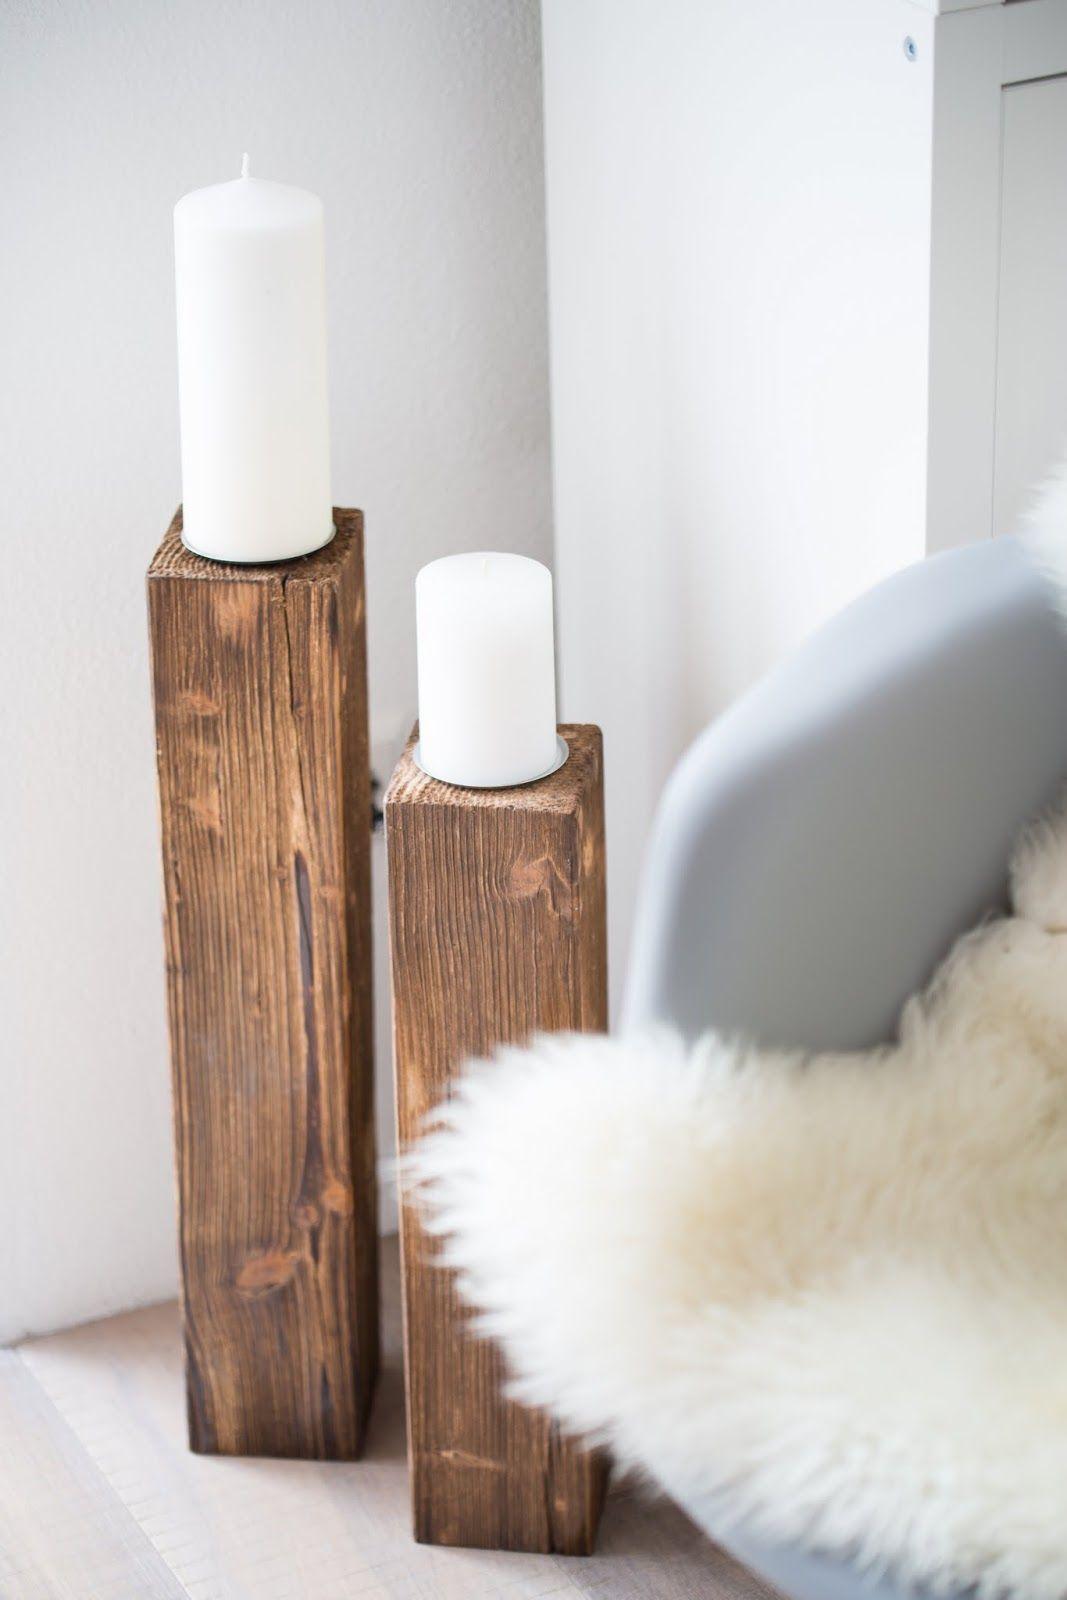 kerzenständer XXl aus Holz, selbstgemacht